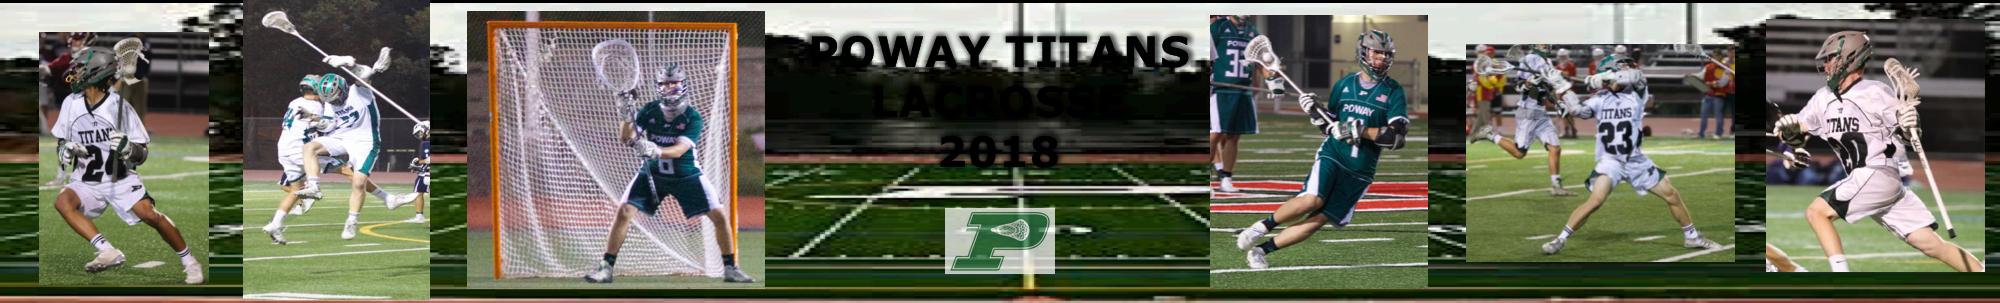 Poway Lacrosse Foundation, Lacrosse, Goal, Field